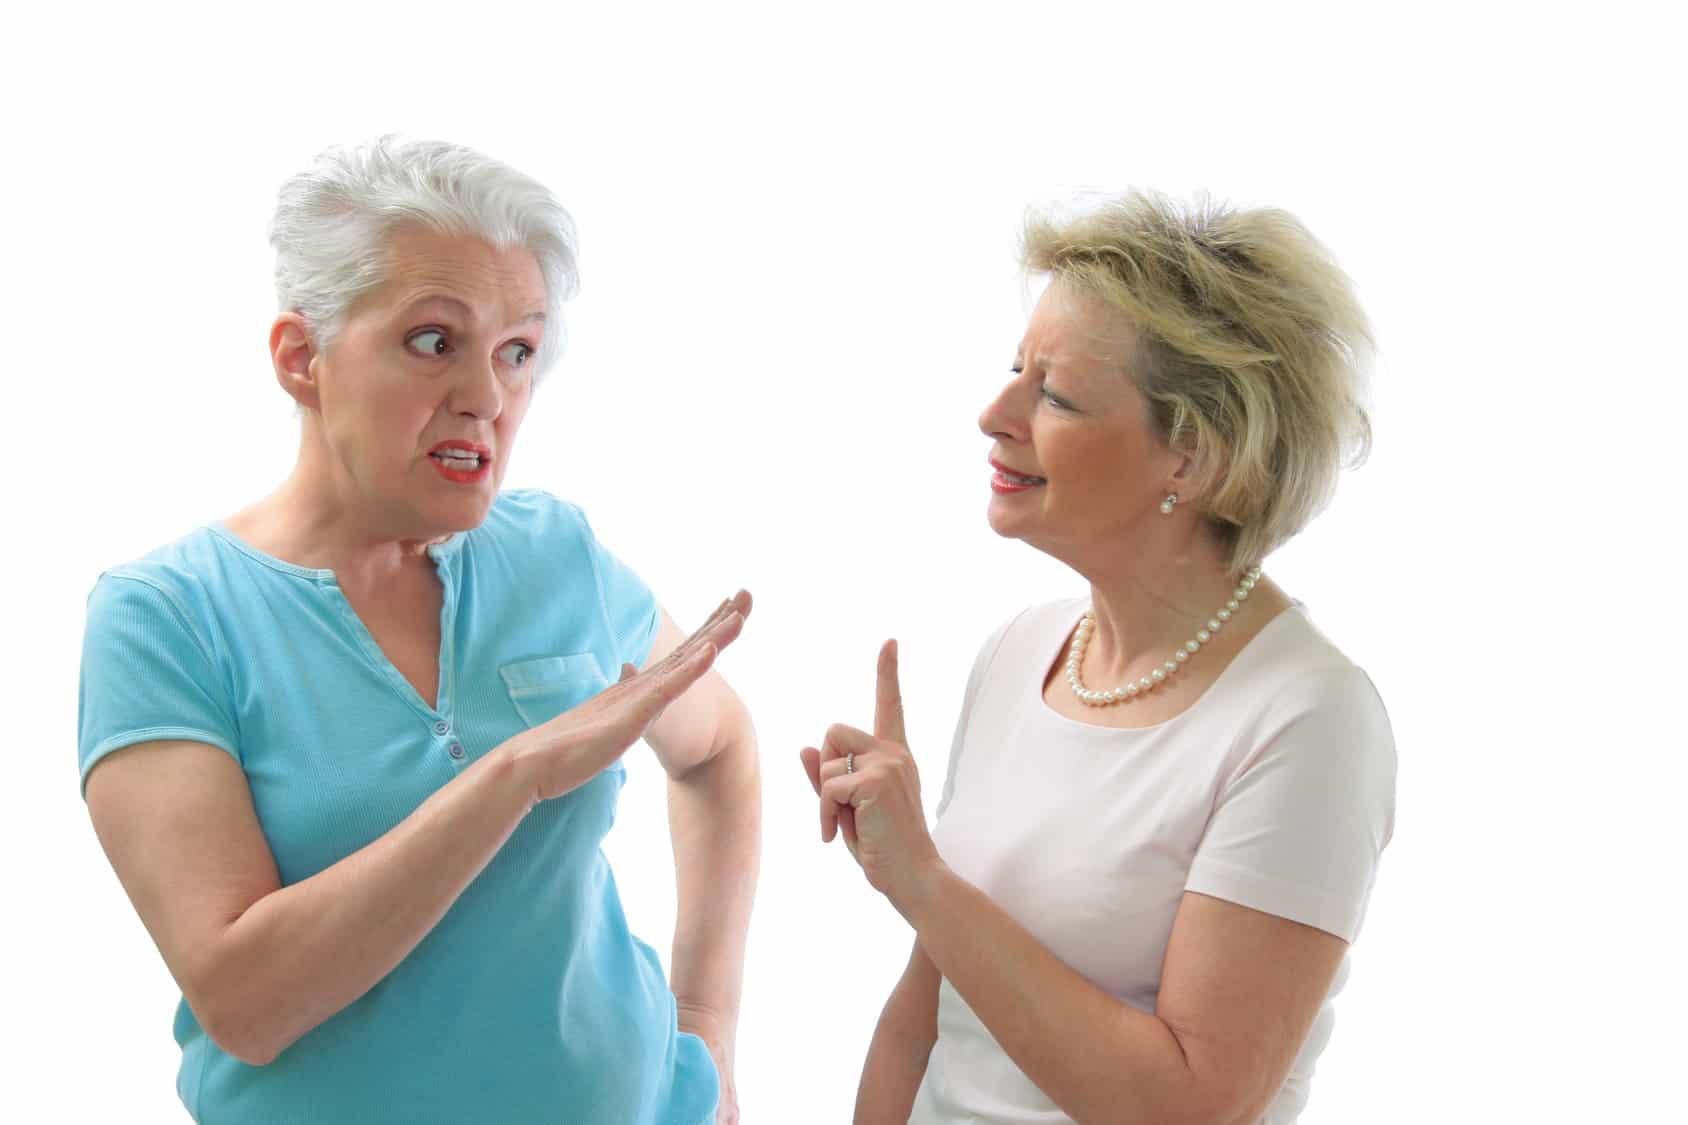 Co robić, gdy bliski jest uzależniony?